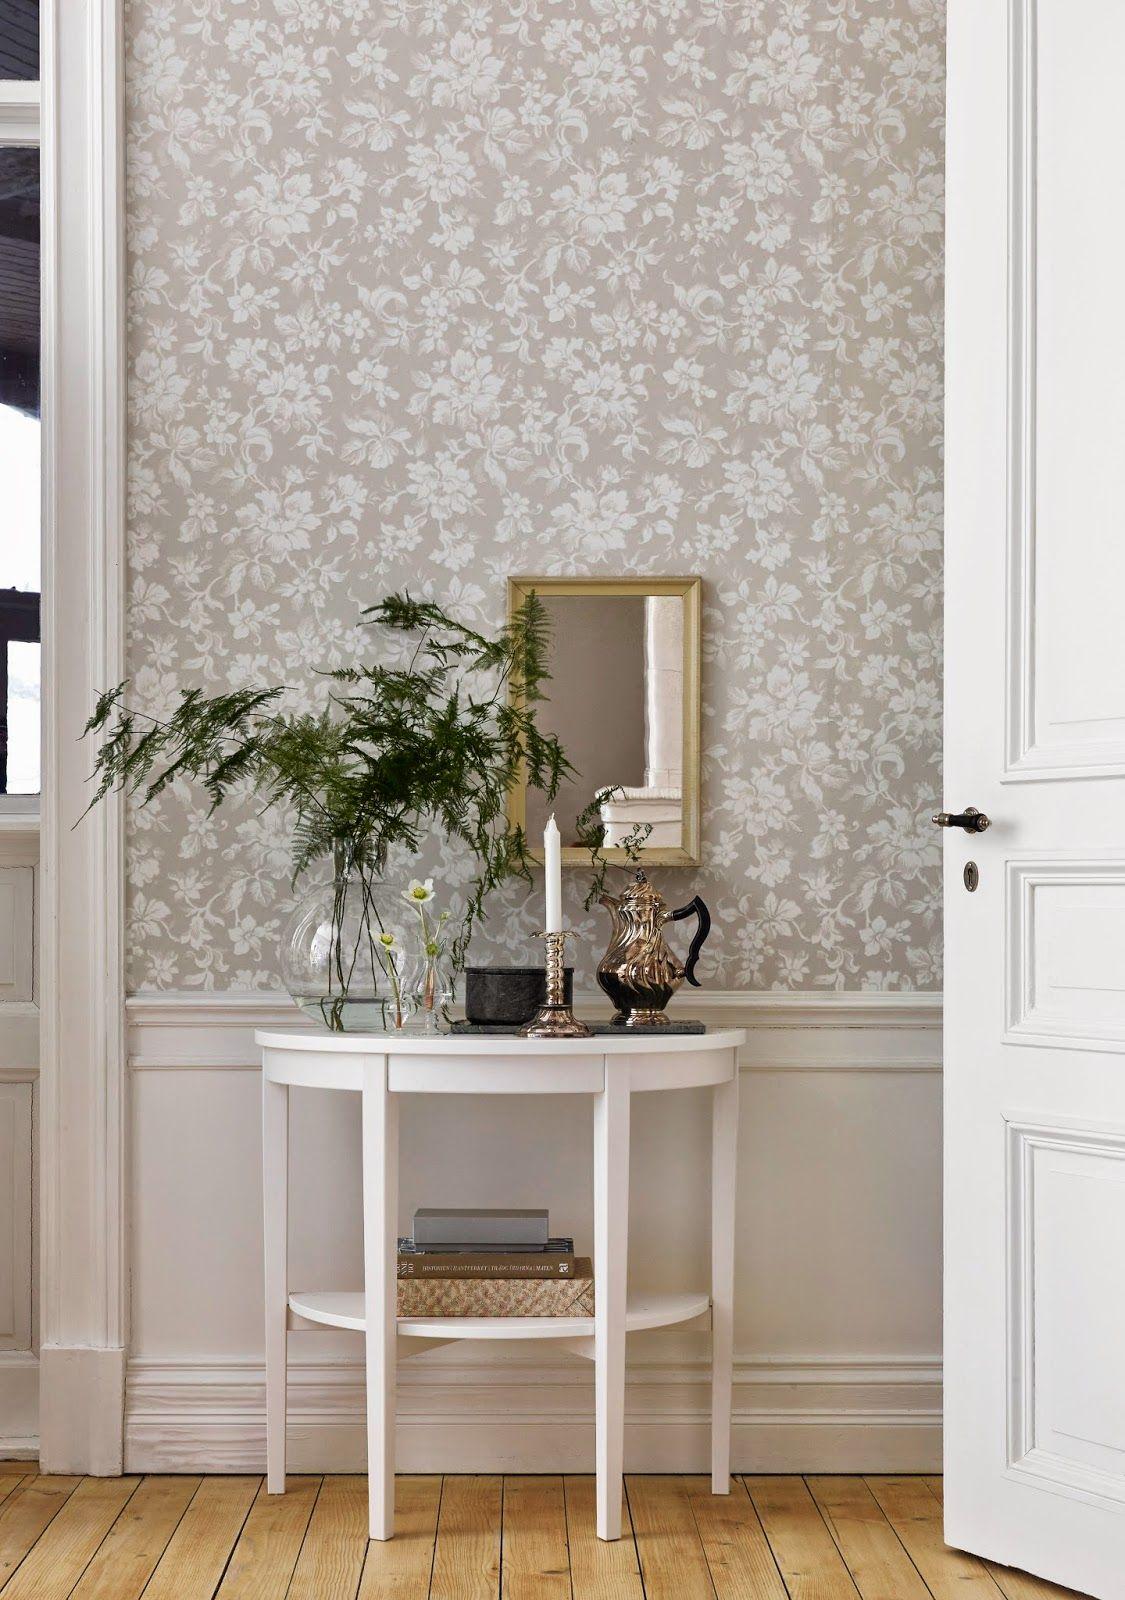 Panel i sovrum interior tapeten dekoration und haus - Wandgestaltung altbau ...